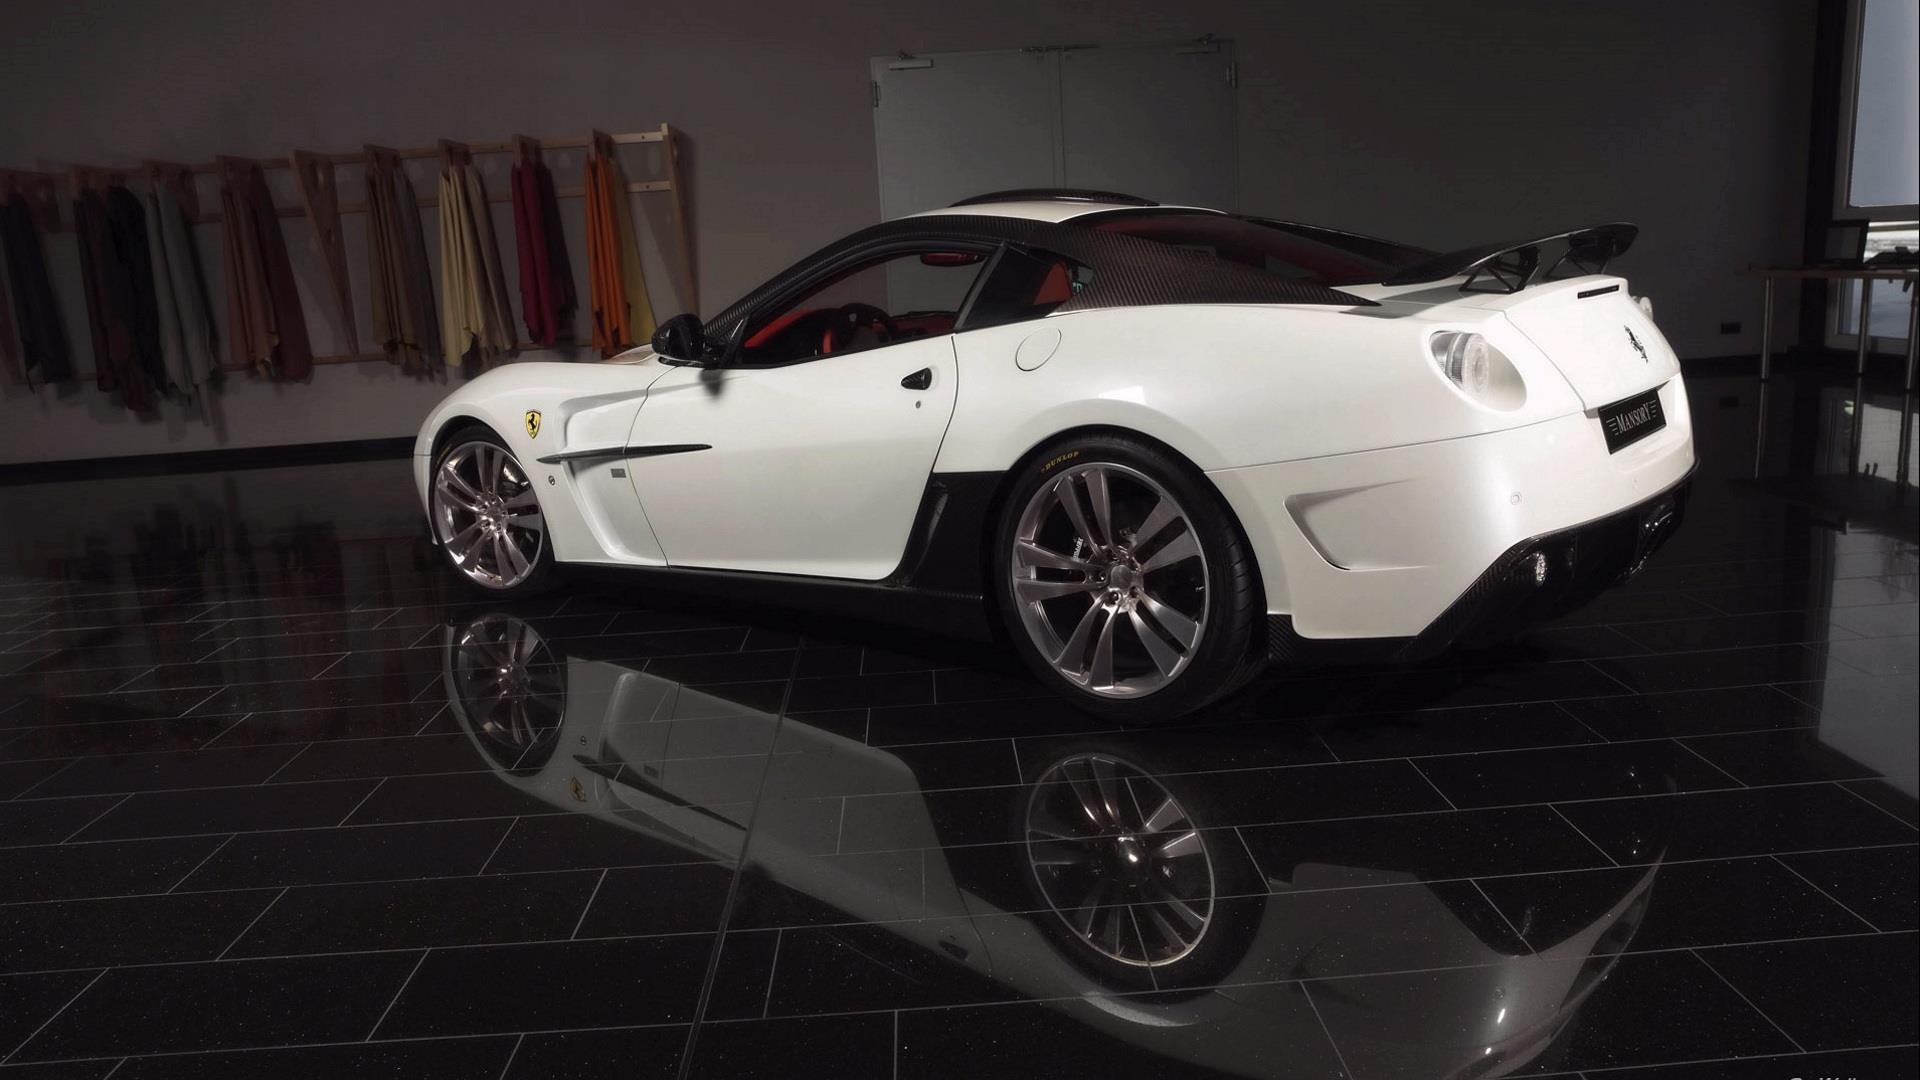 blanc-ferrari-automobile-de-luxe-passion_11